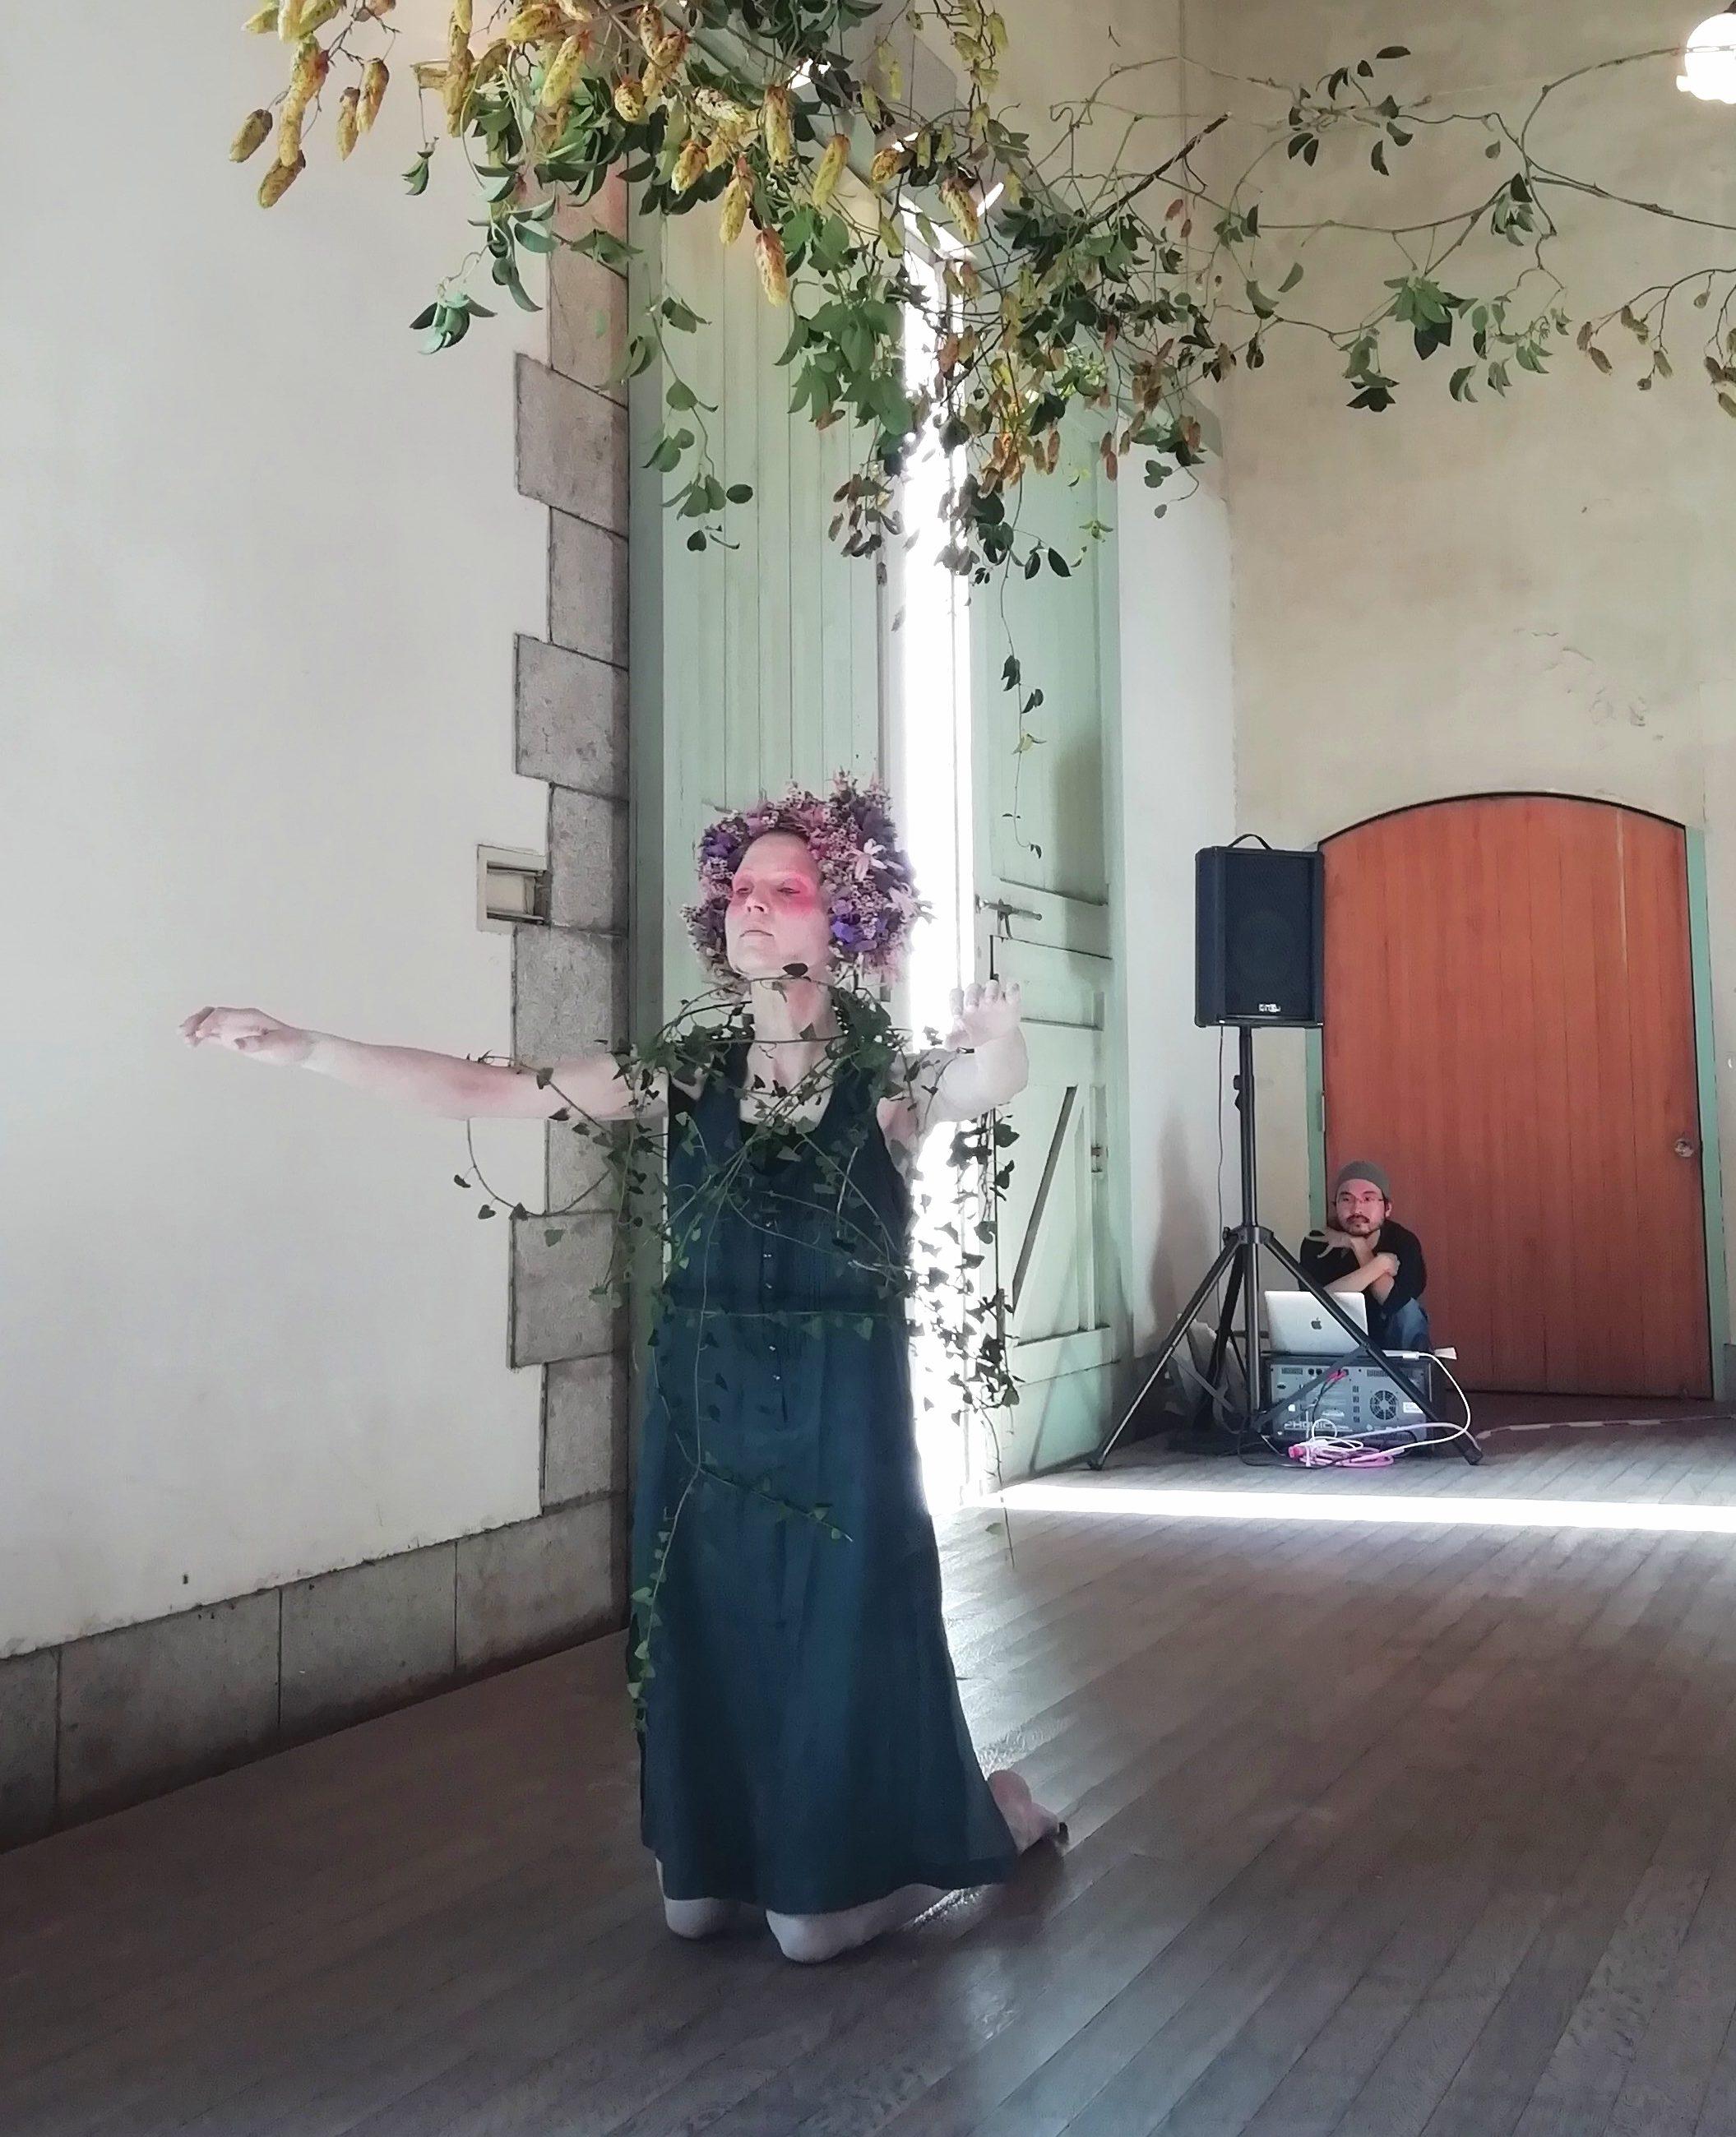 相楽園 フラウケ ダンス 舞踏